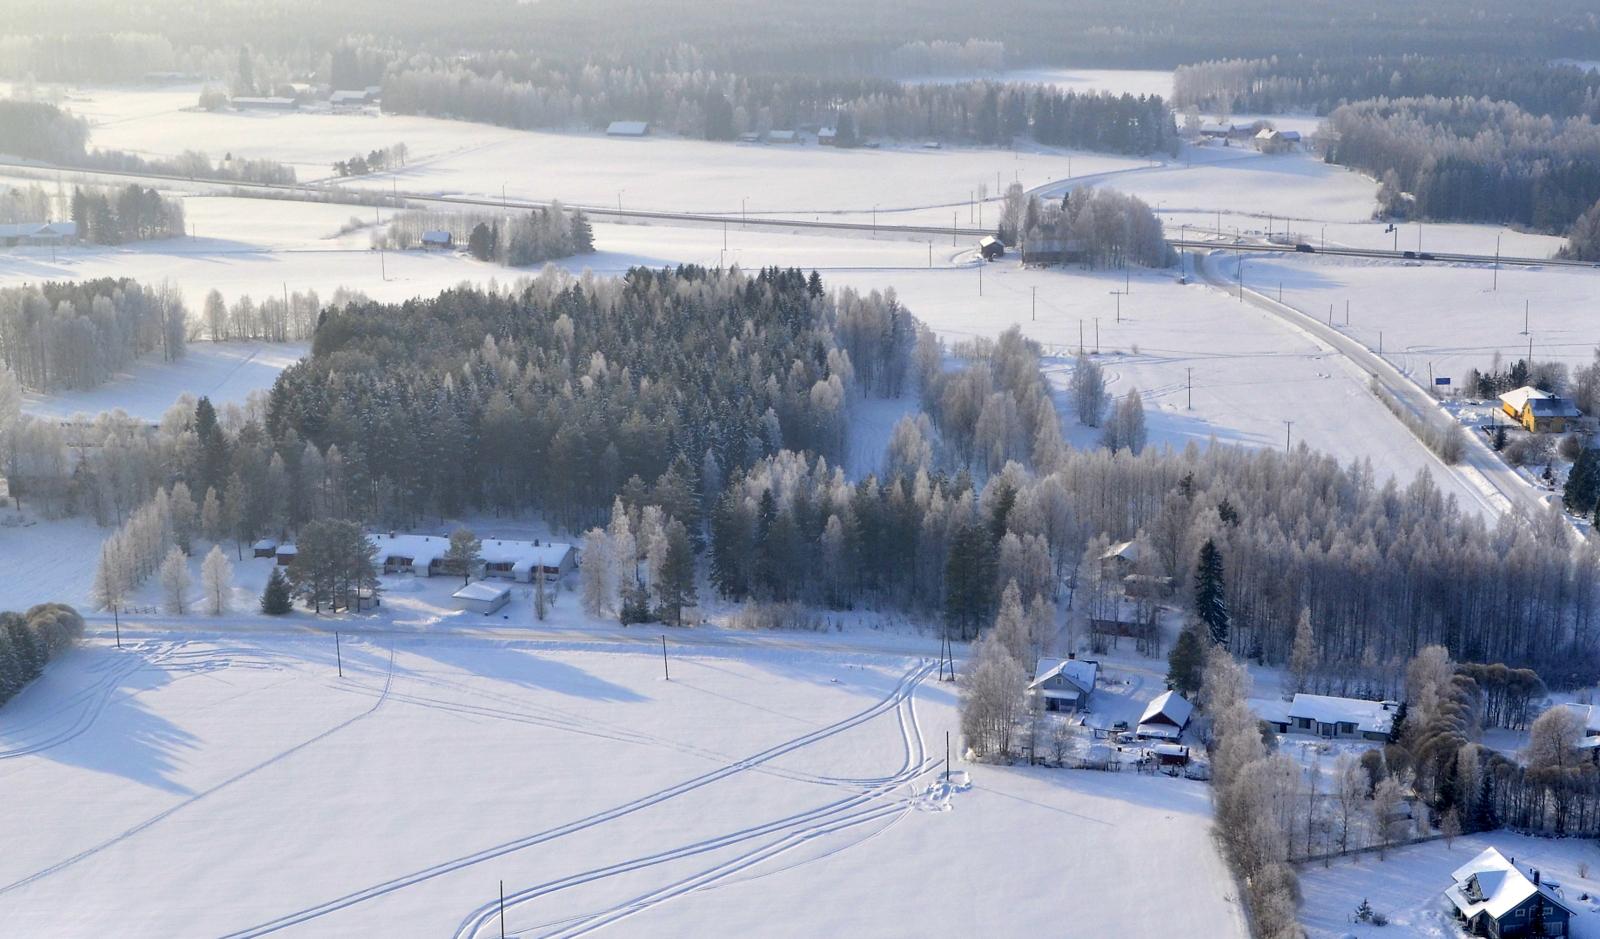 Tuleekohan tänne Liimattalaan uusi tuulimyllypuisto? no ei mutta Suviseurat 2018 tarvitsee kuitenkin paljon virtaa ja pylväitä sähköjohdoille.